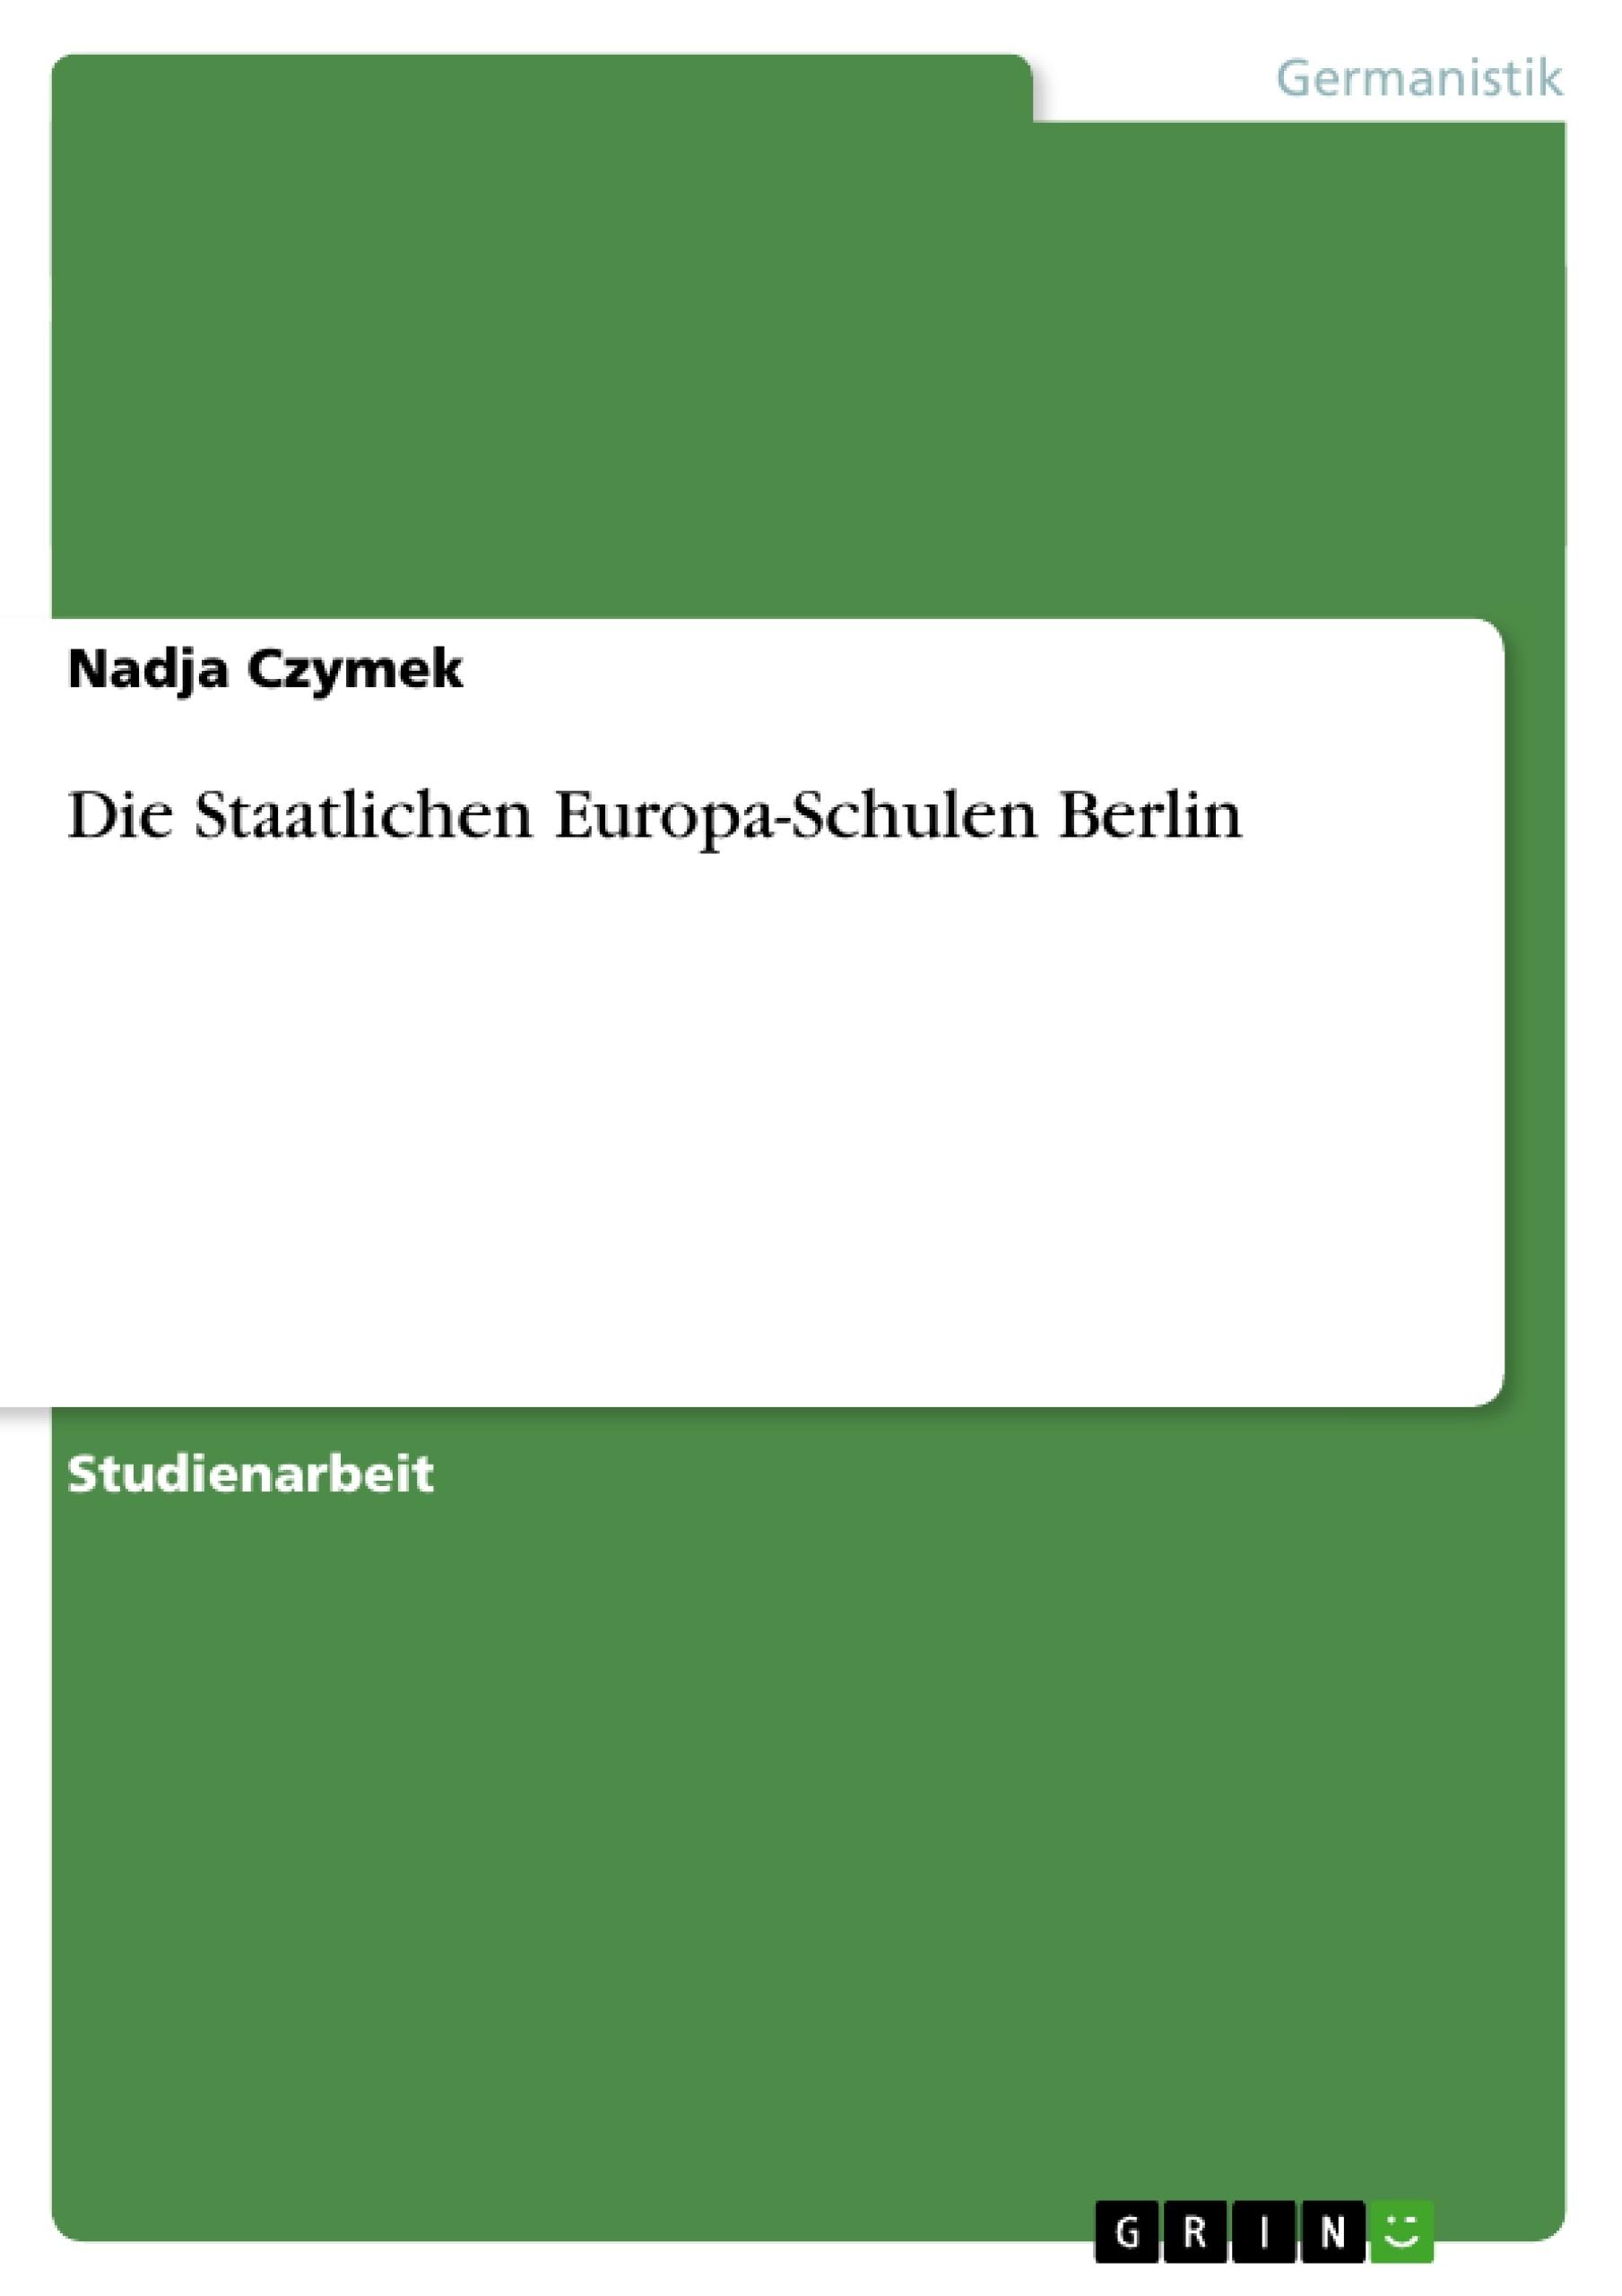 Titel: Die Staatlichen Europa-Schulen Berlin